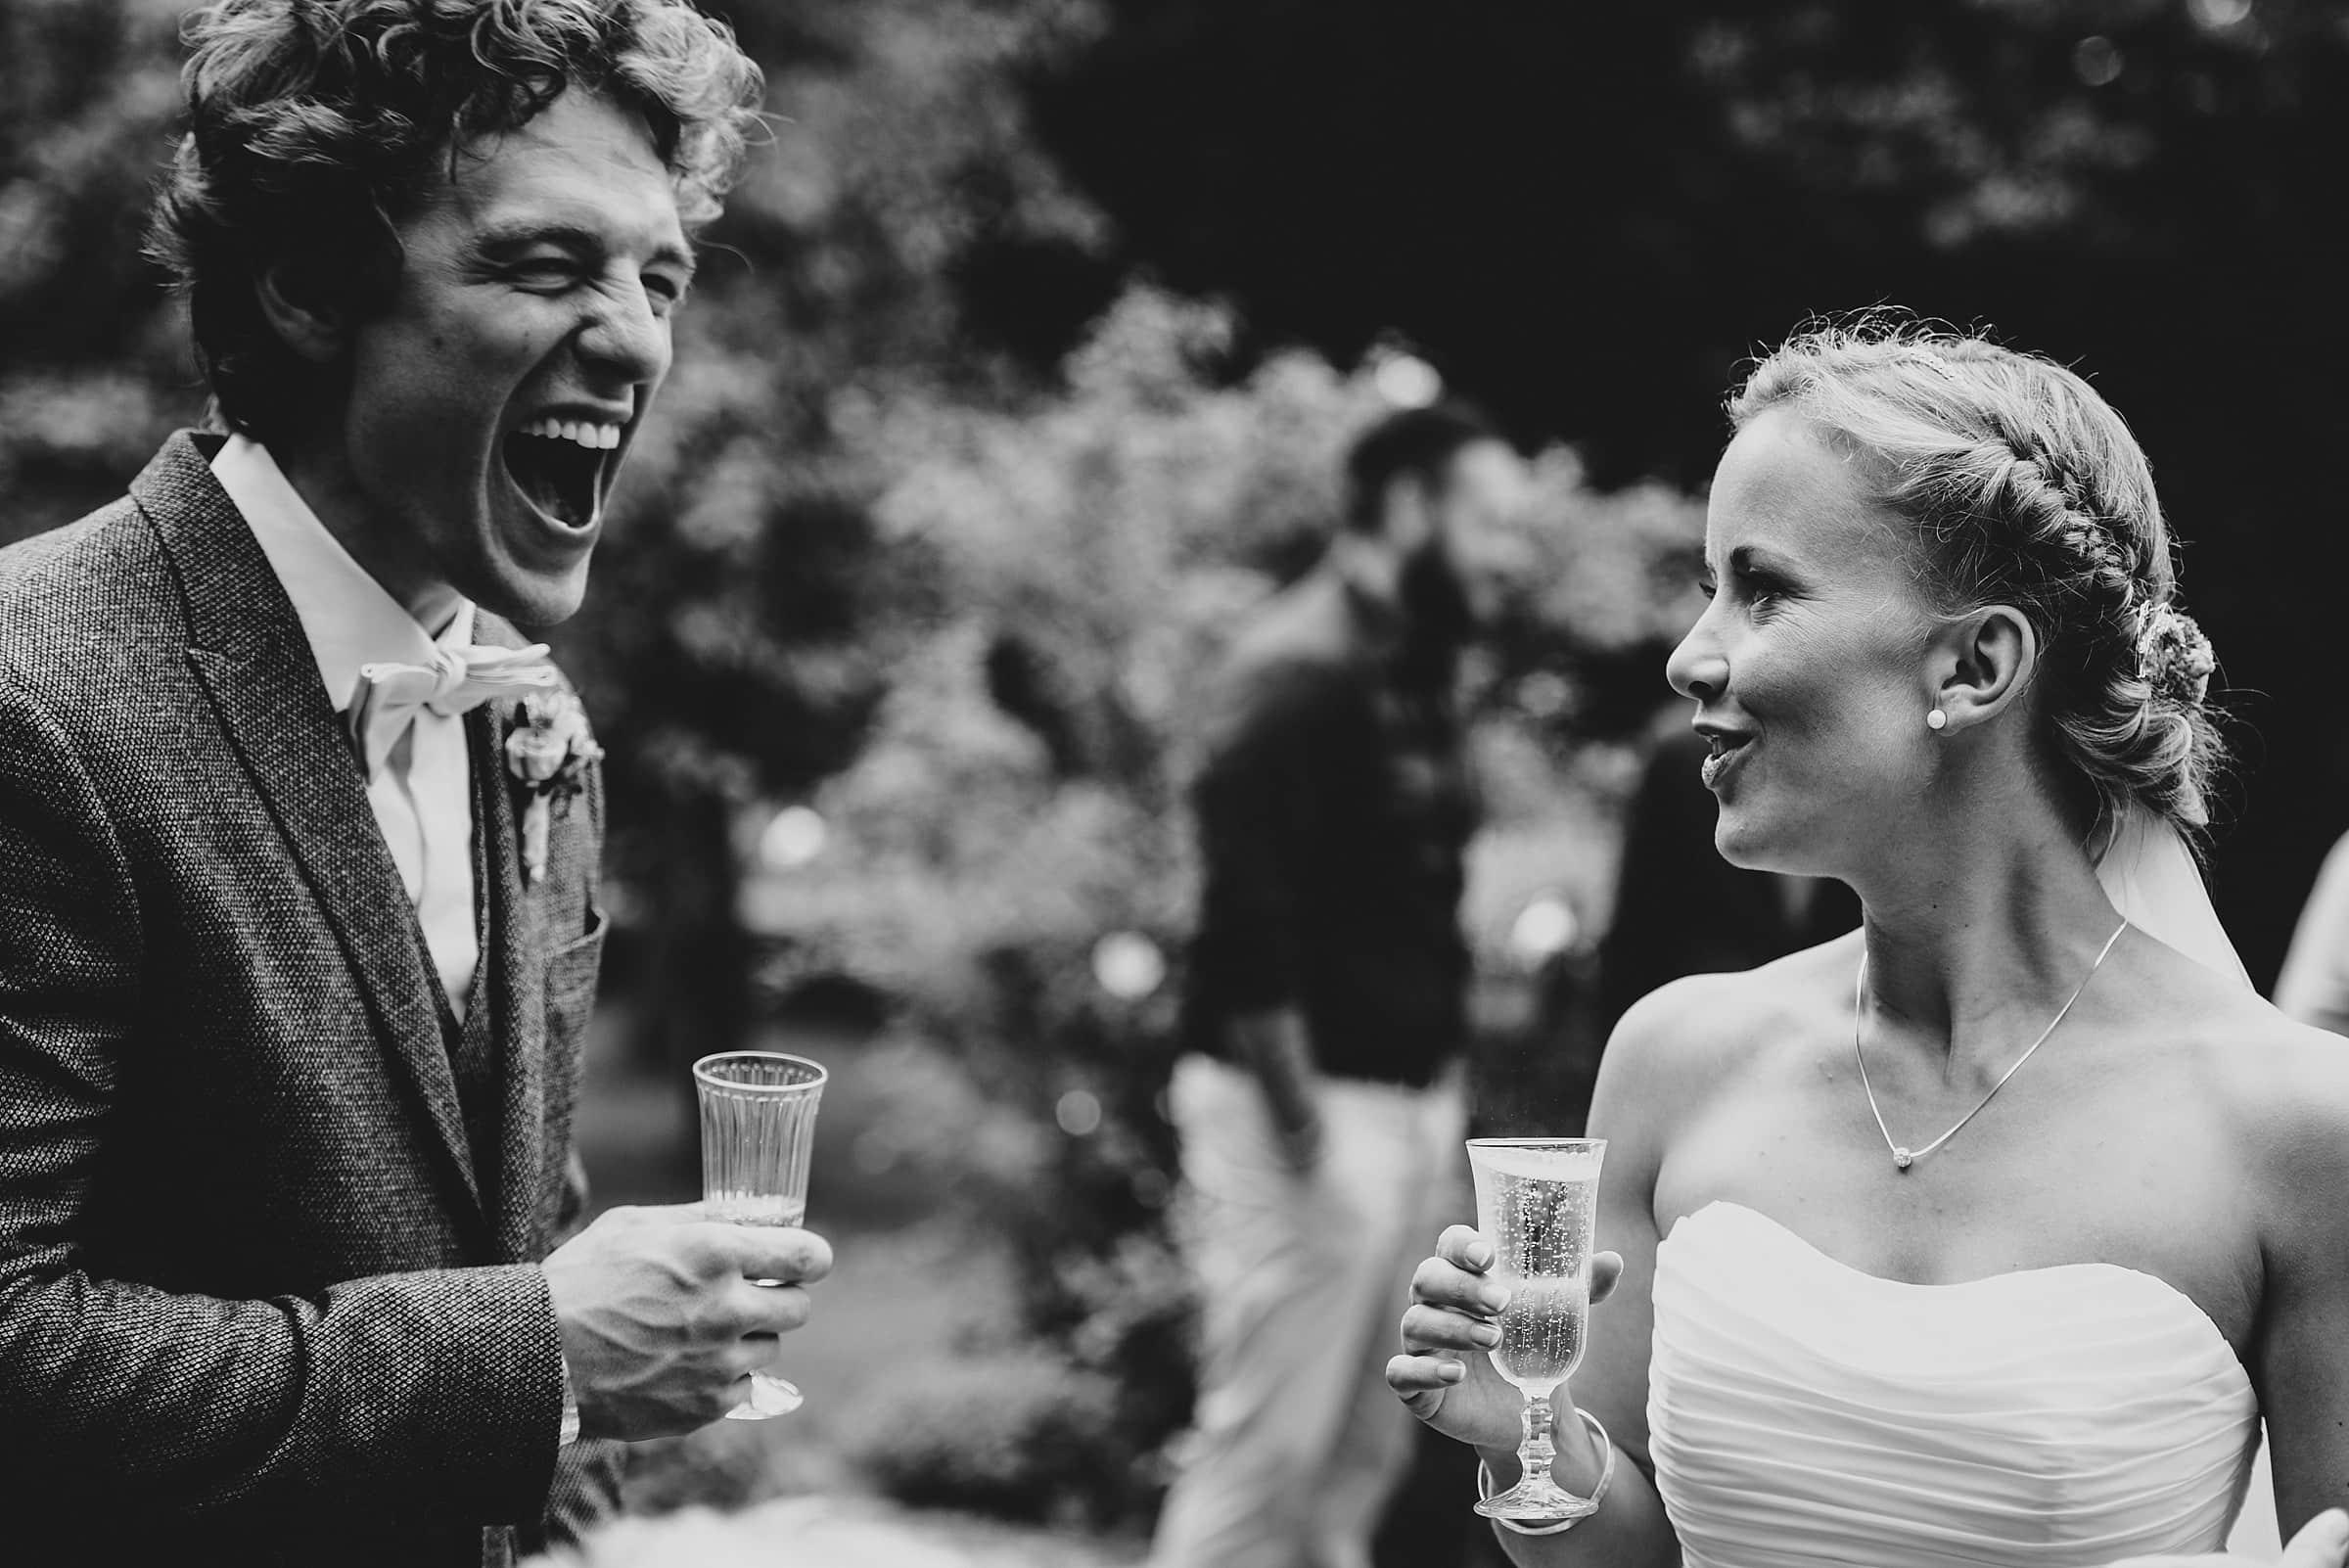 Hochzeitsfotografie-Frau-Siemers-Hof Weihe-Brautpaar lacht